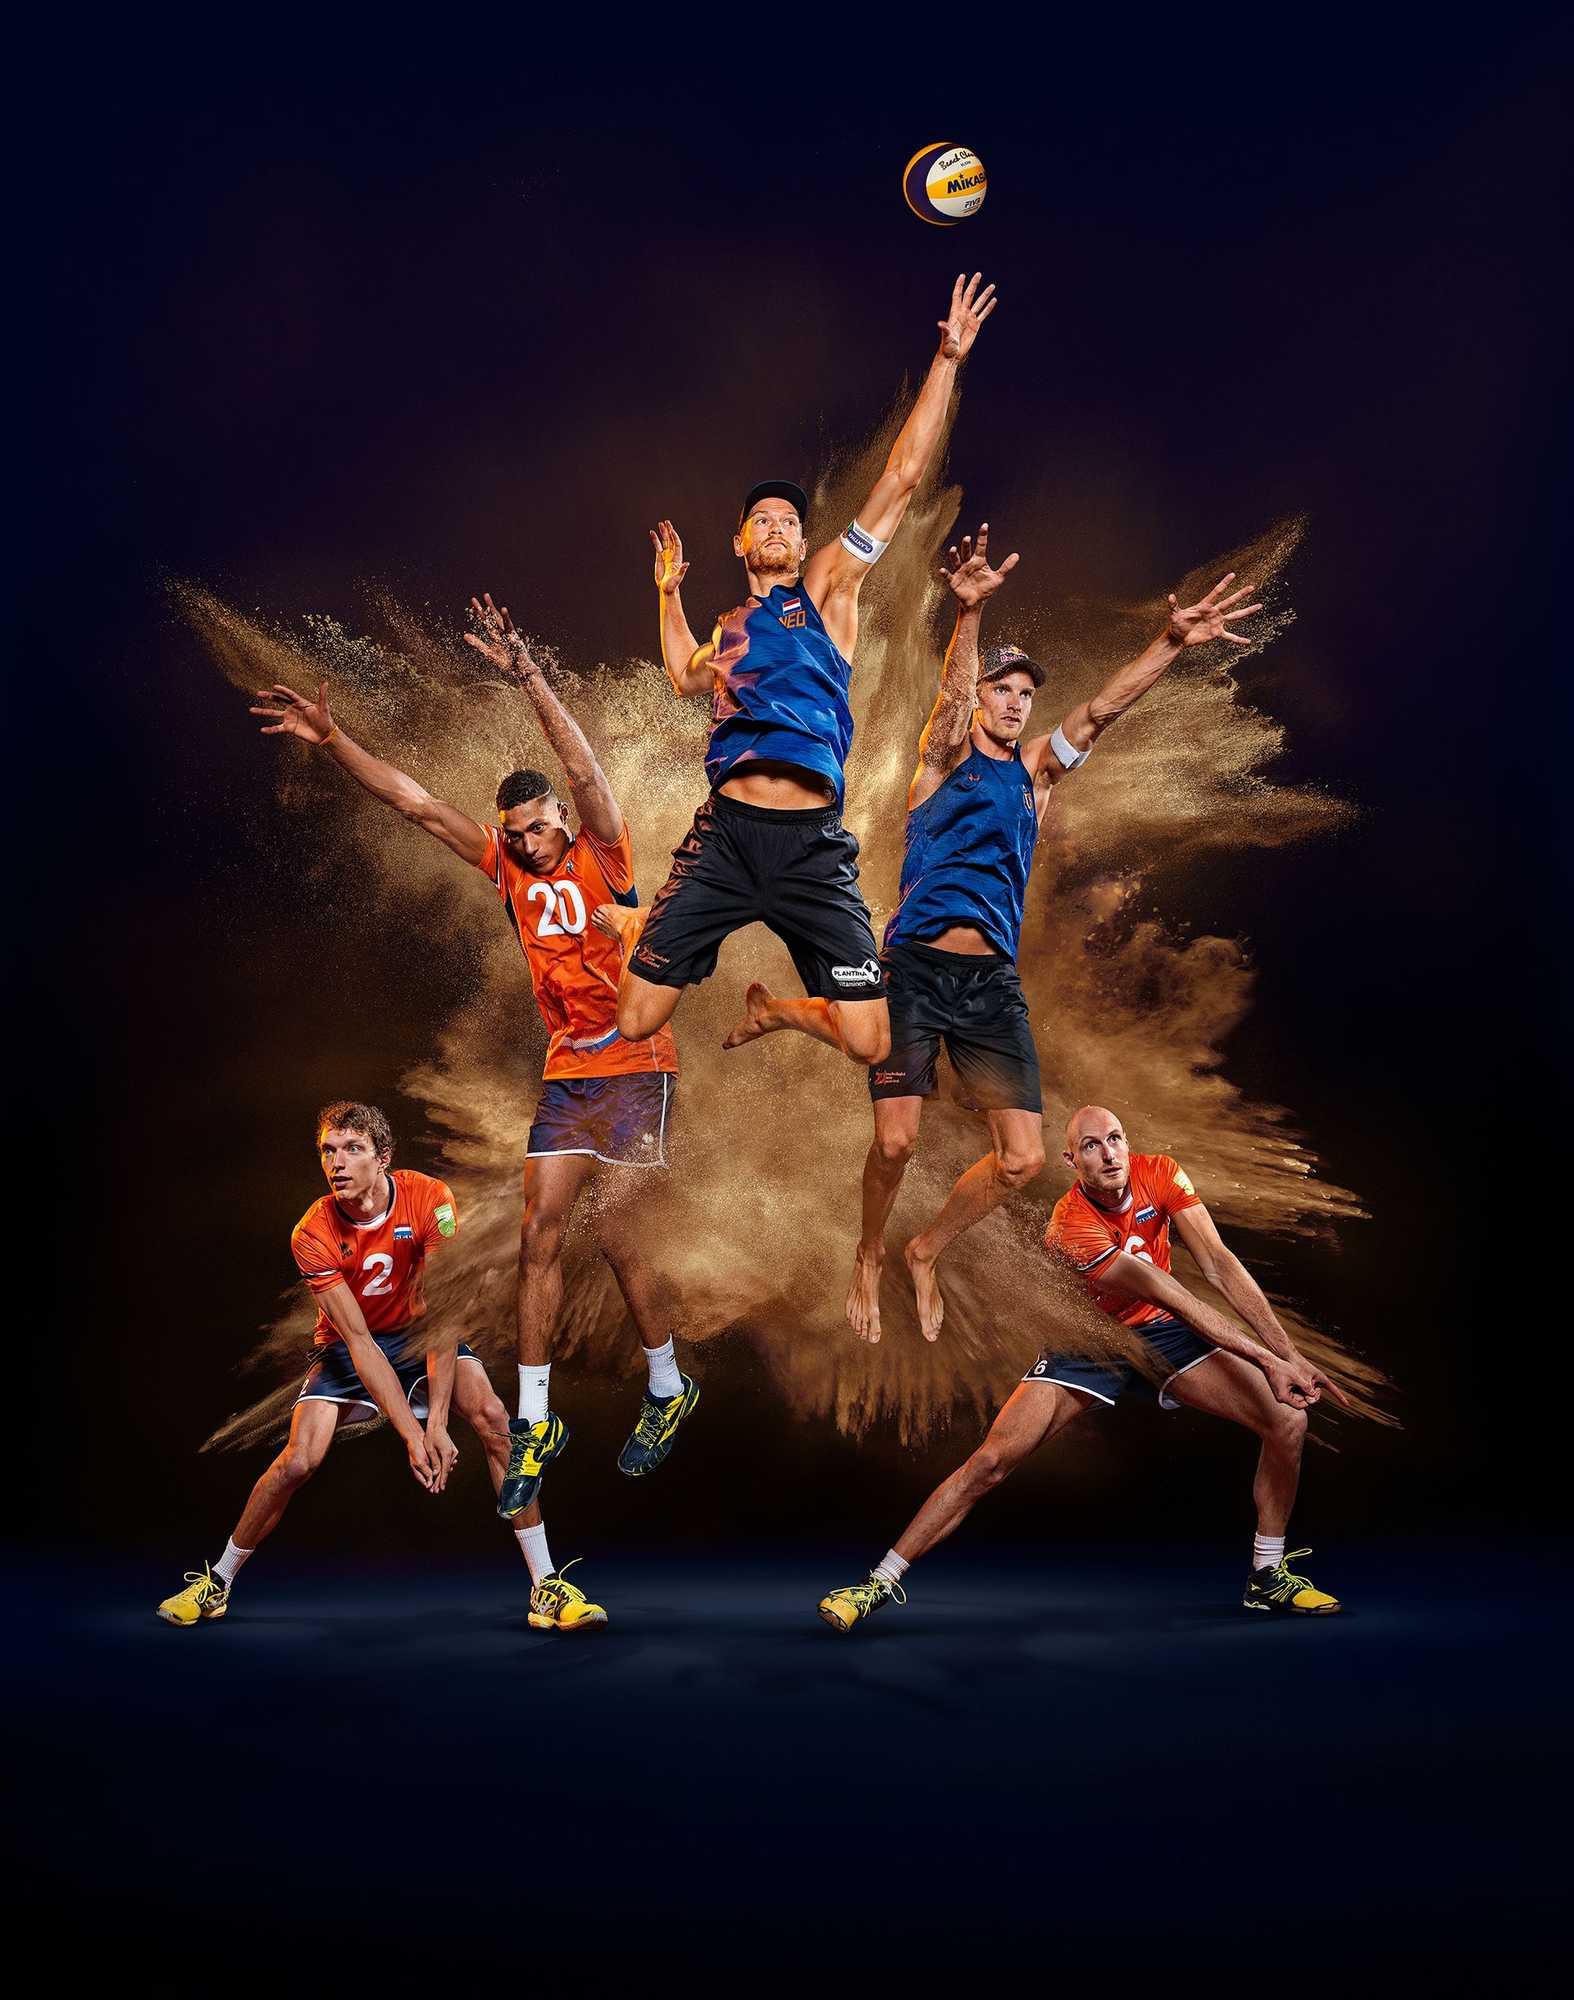 коллекции картинок спорт изучает маркетинг